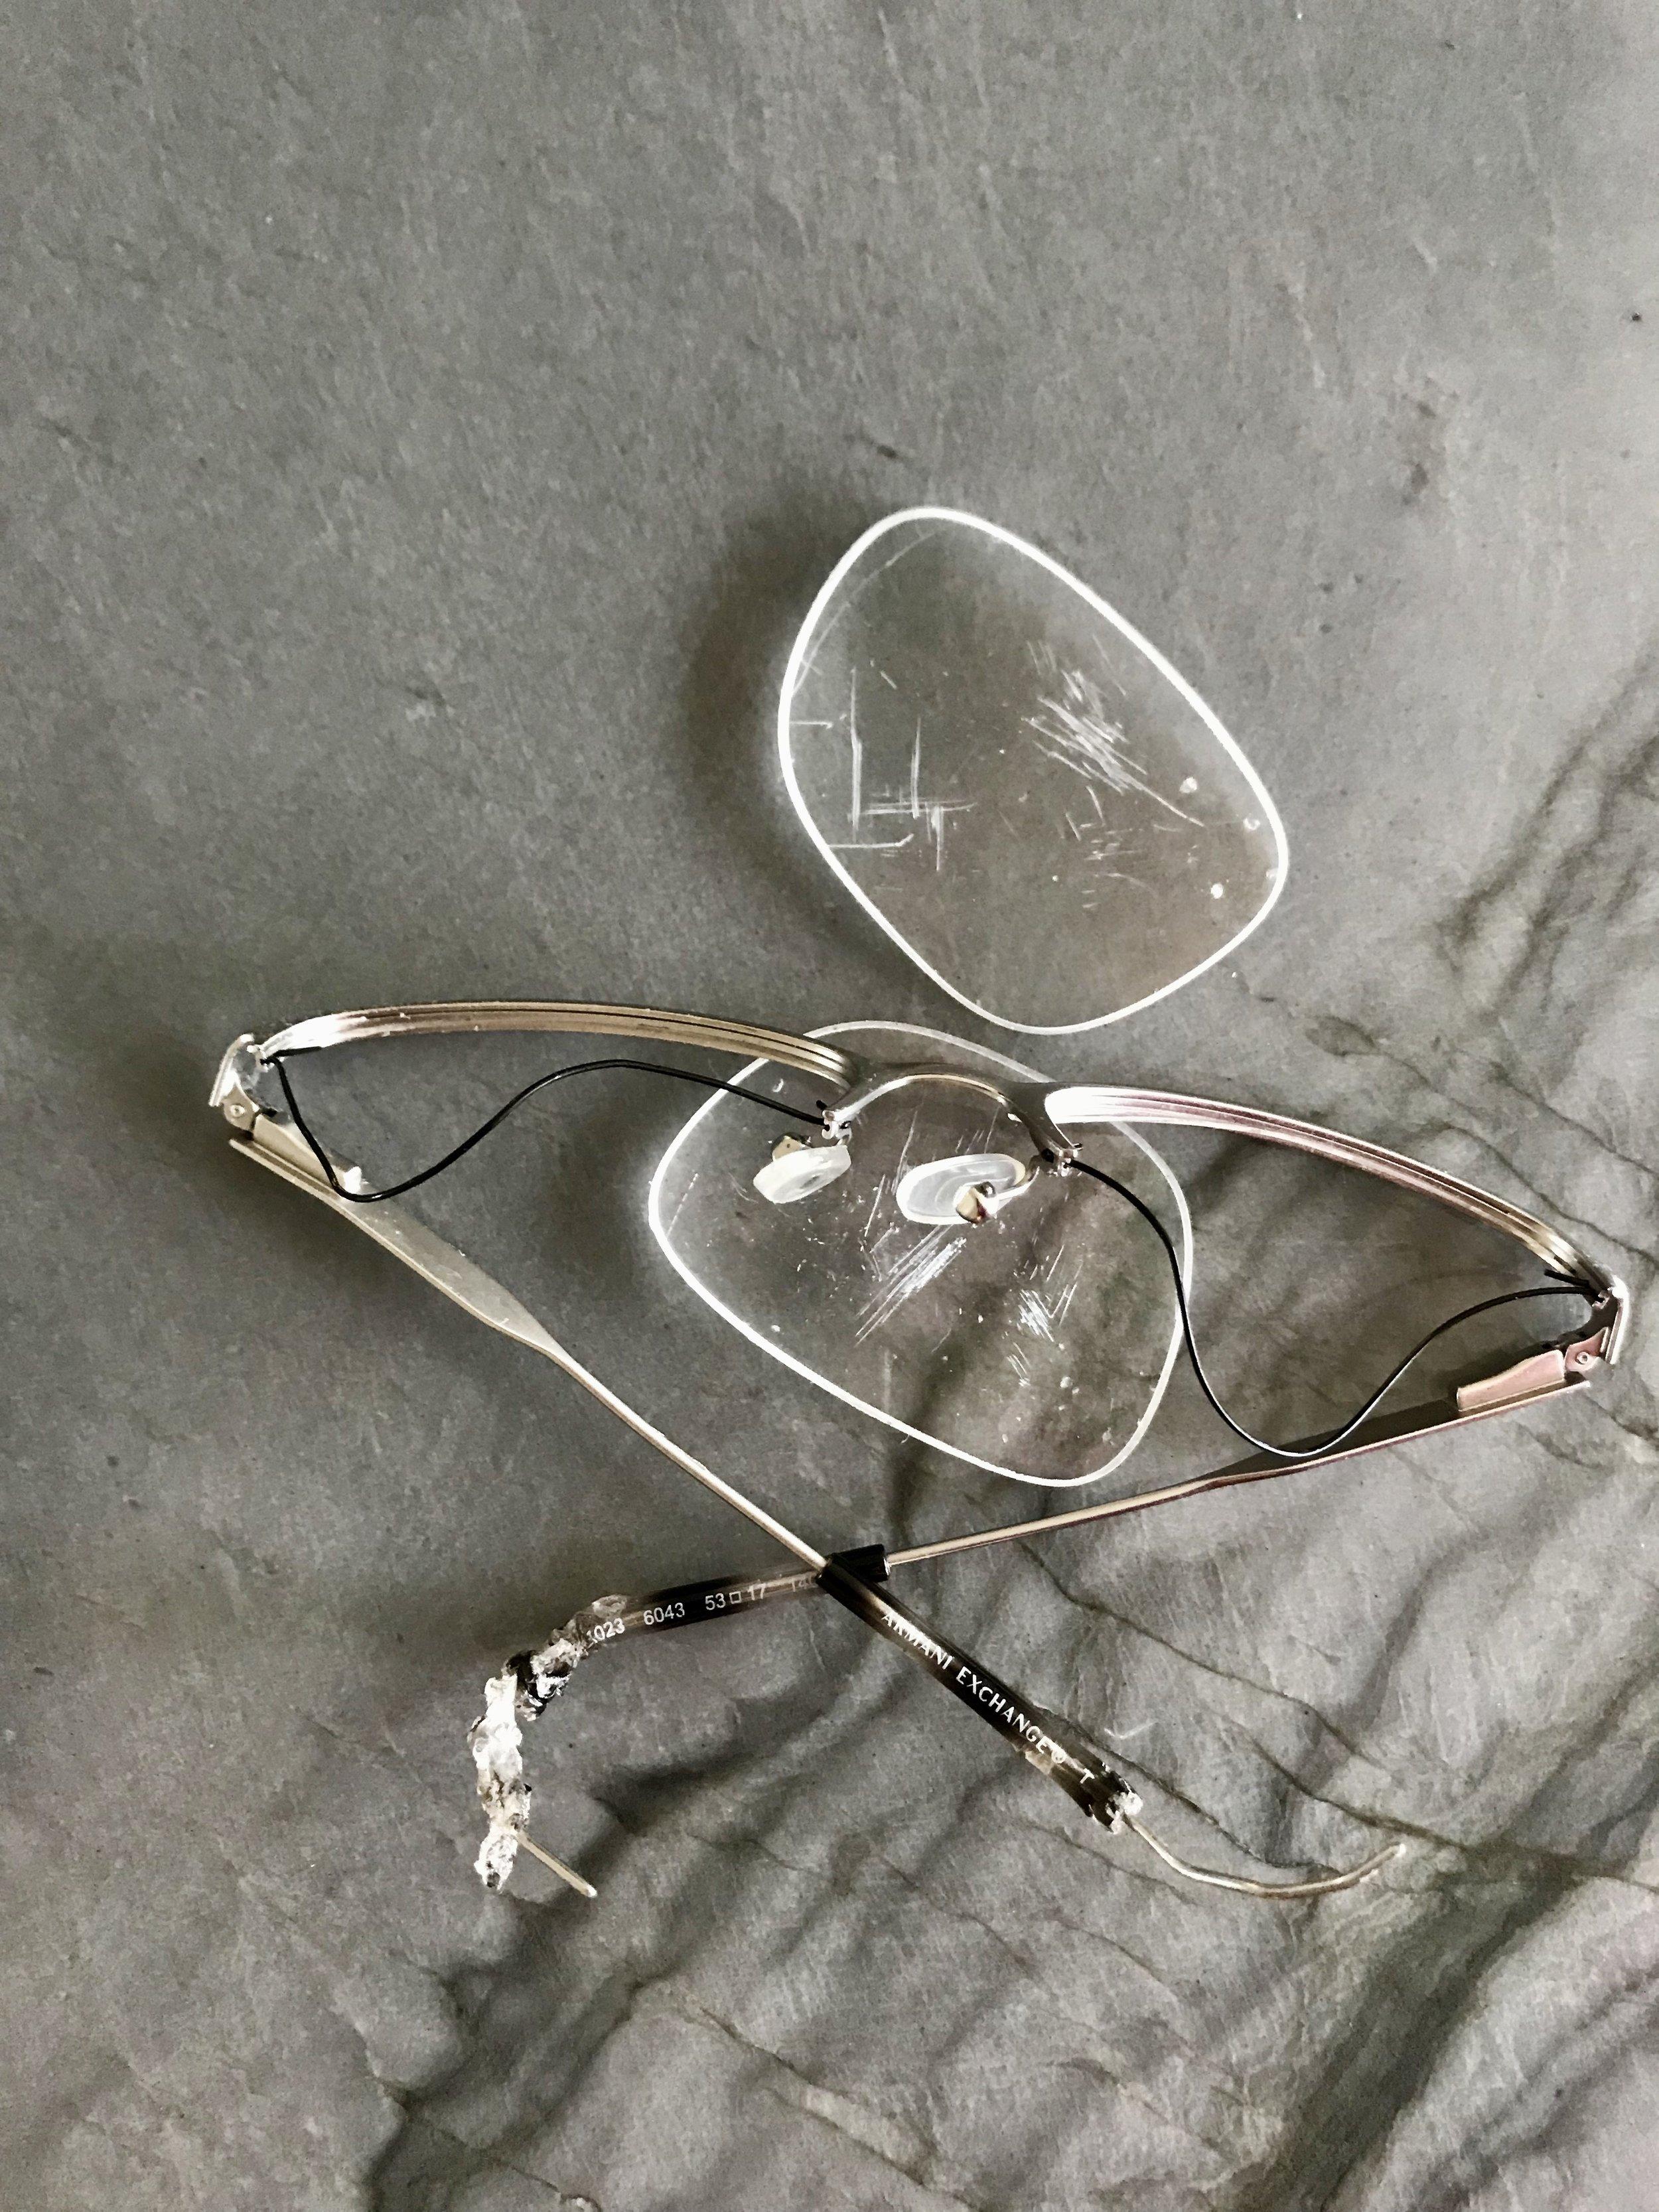 crushed_glasses.jpeg